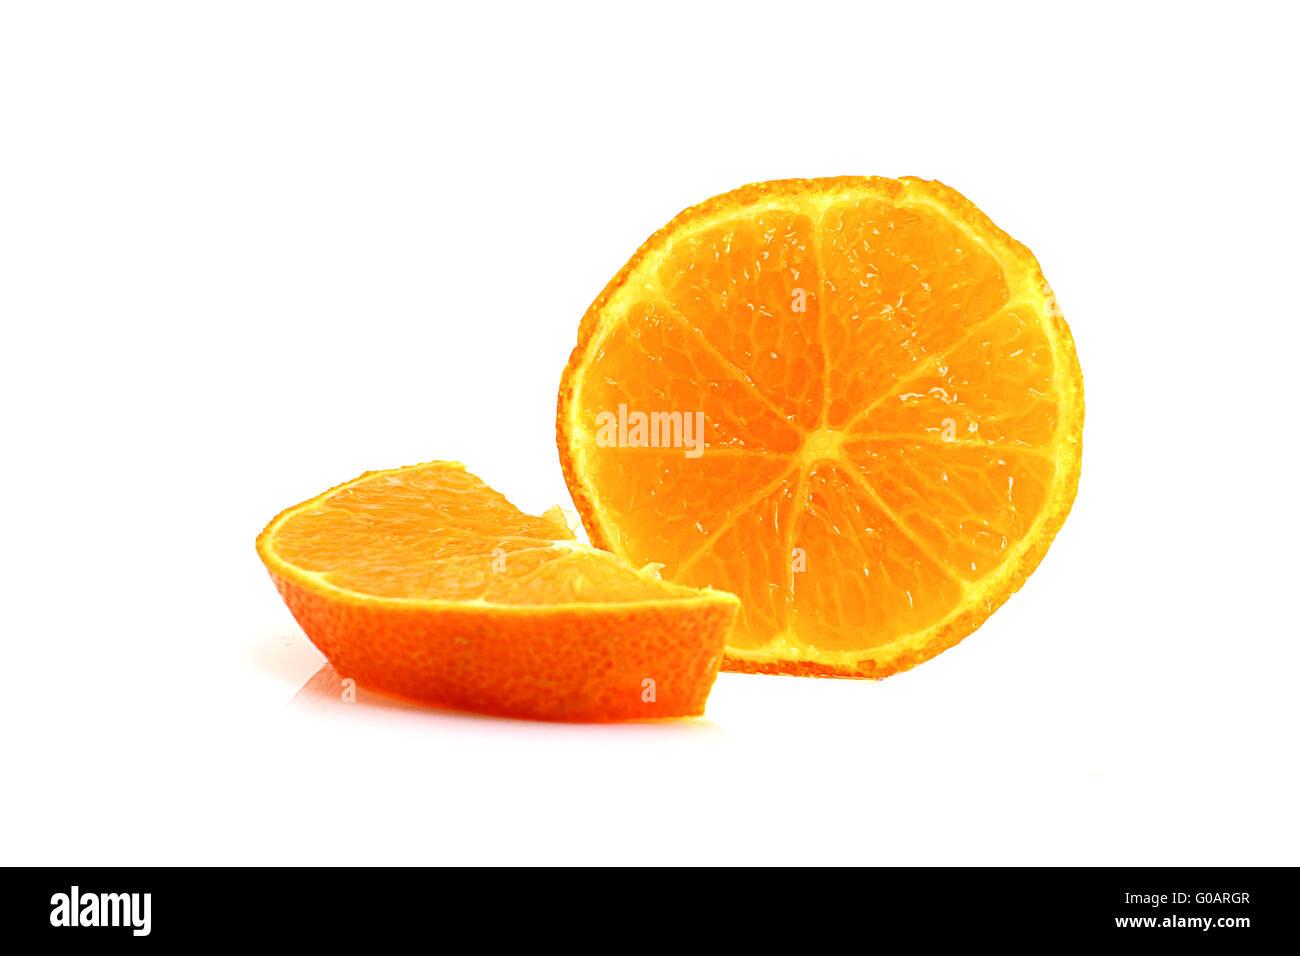 orange slice on withe background - Stock Image